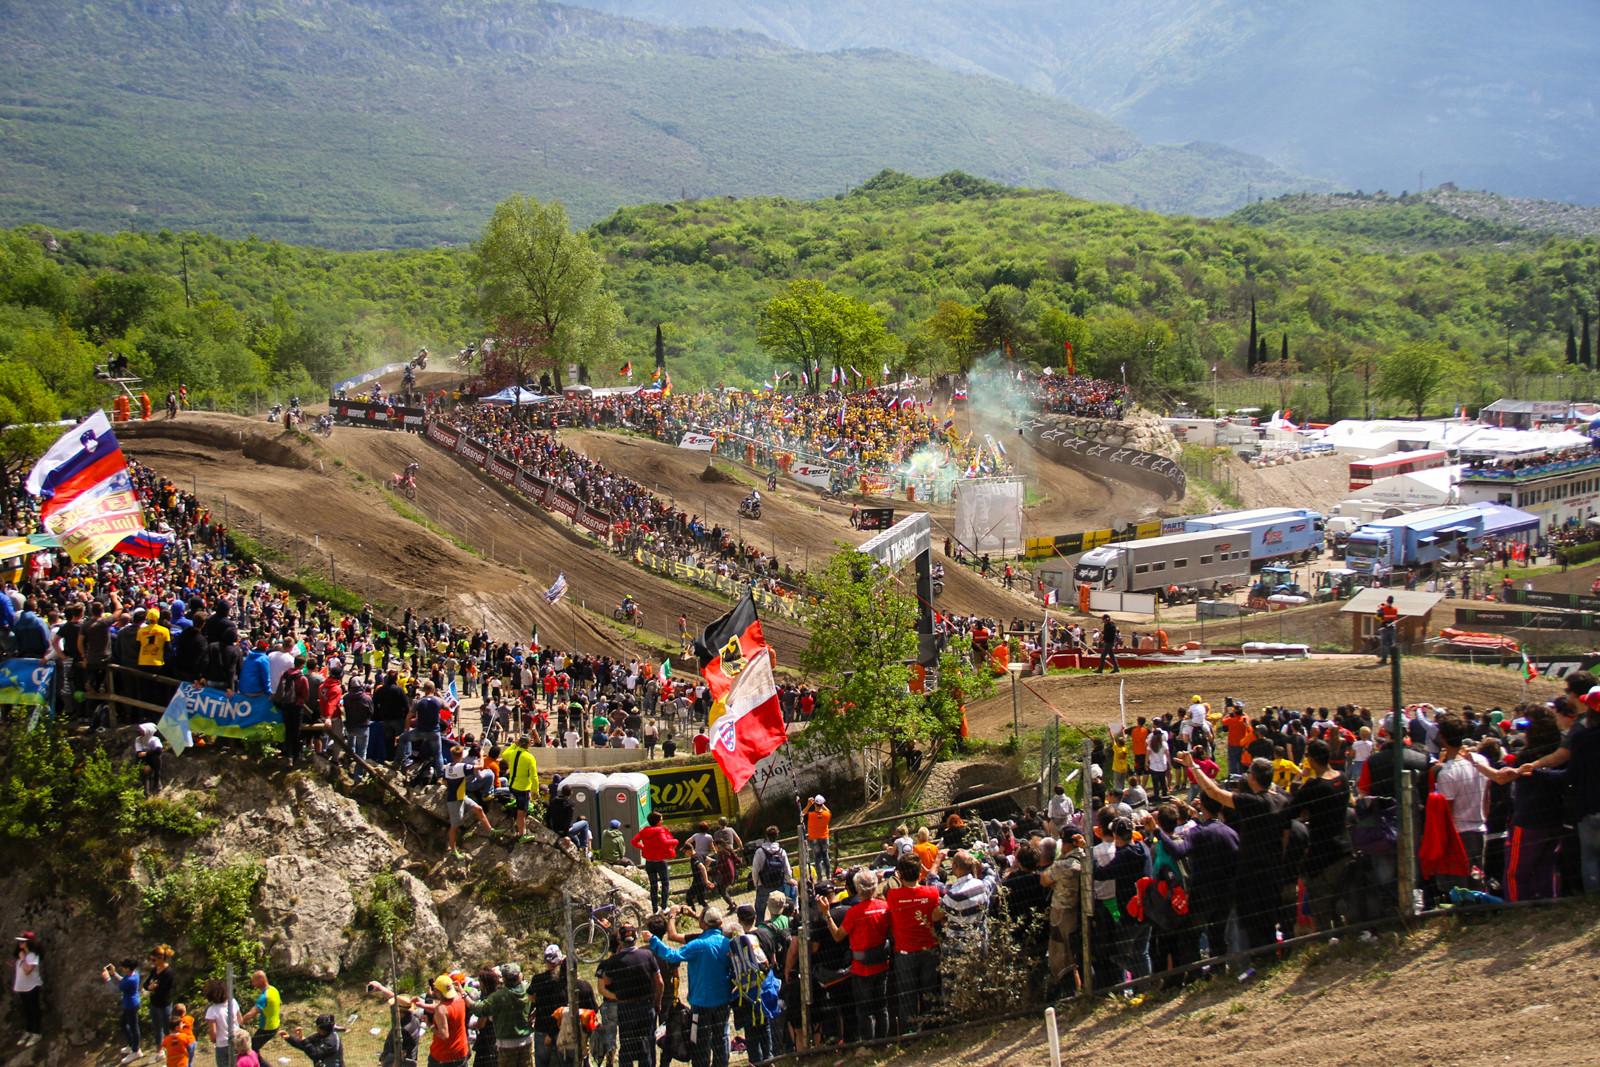 MXGP of Trentino - Photo Blast: 2017 MXGP of Trentino - Motocross Pictures - Vital MX